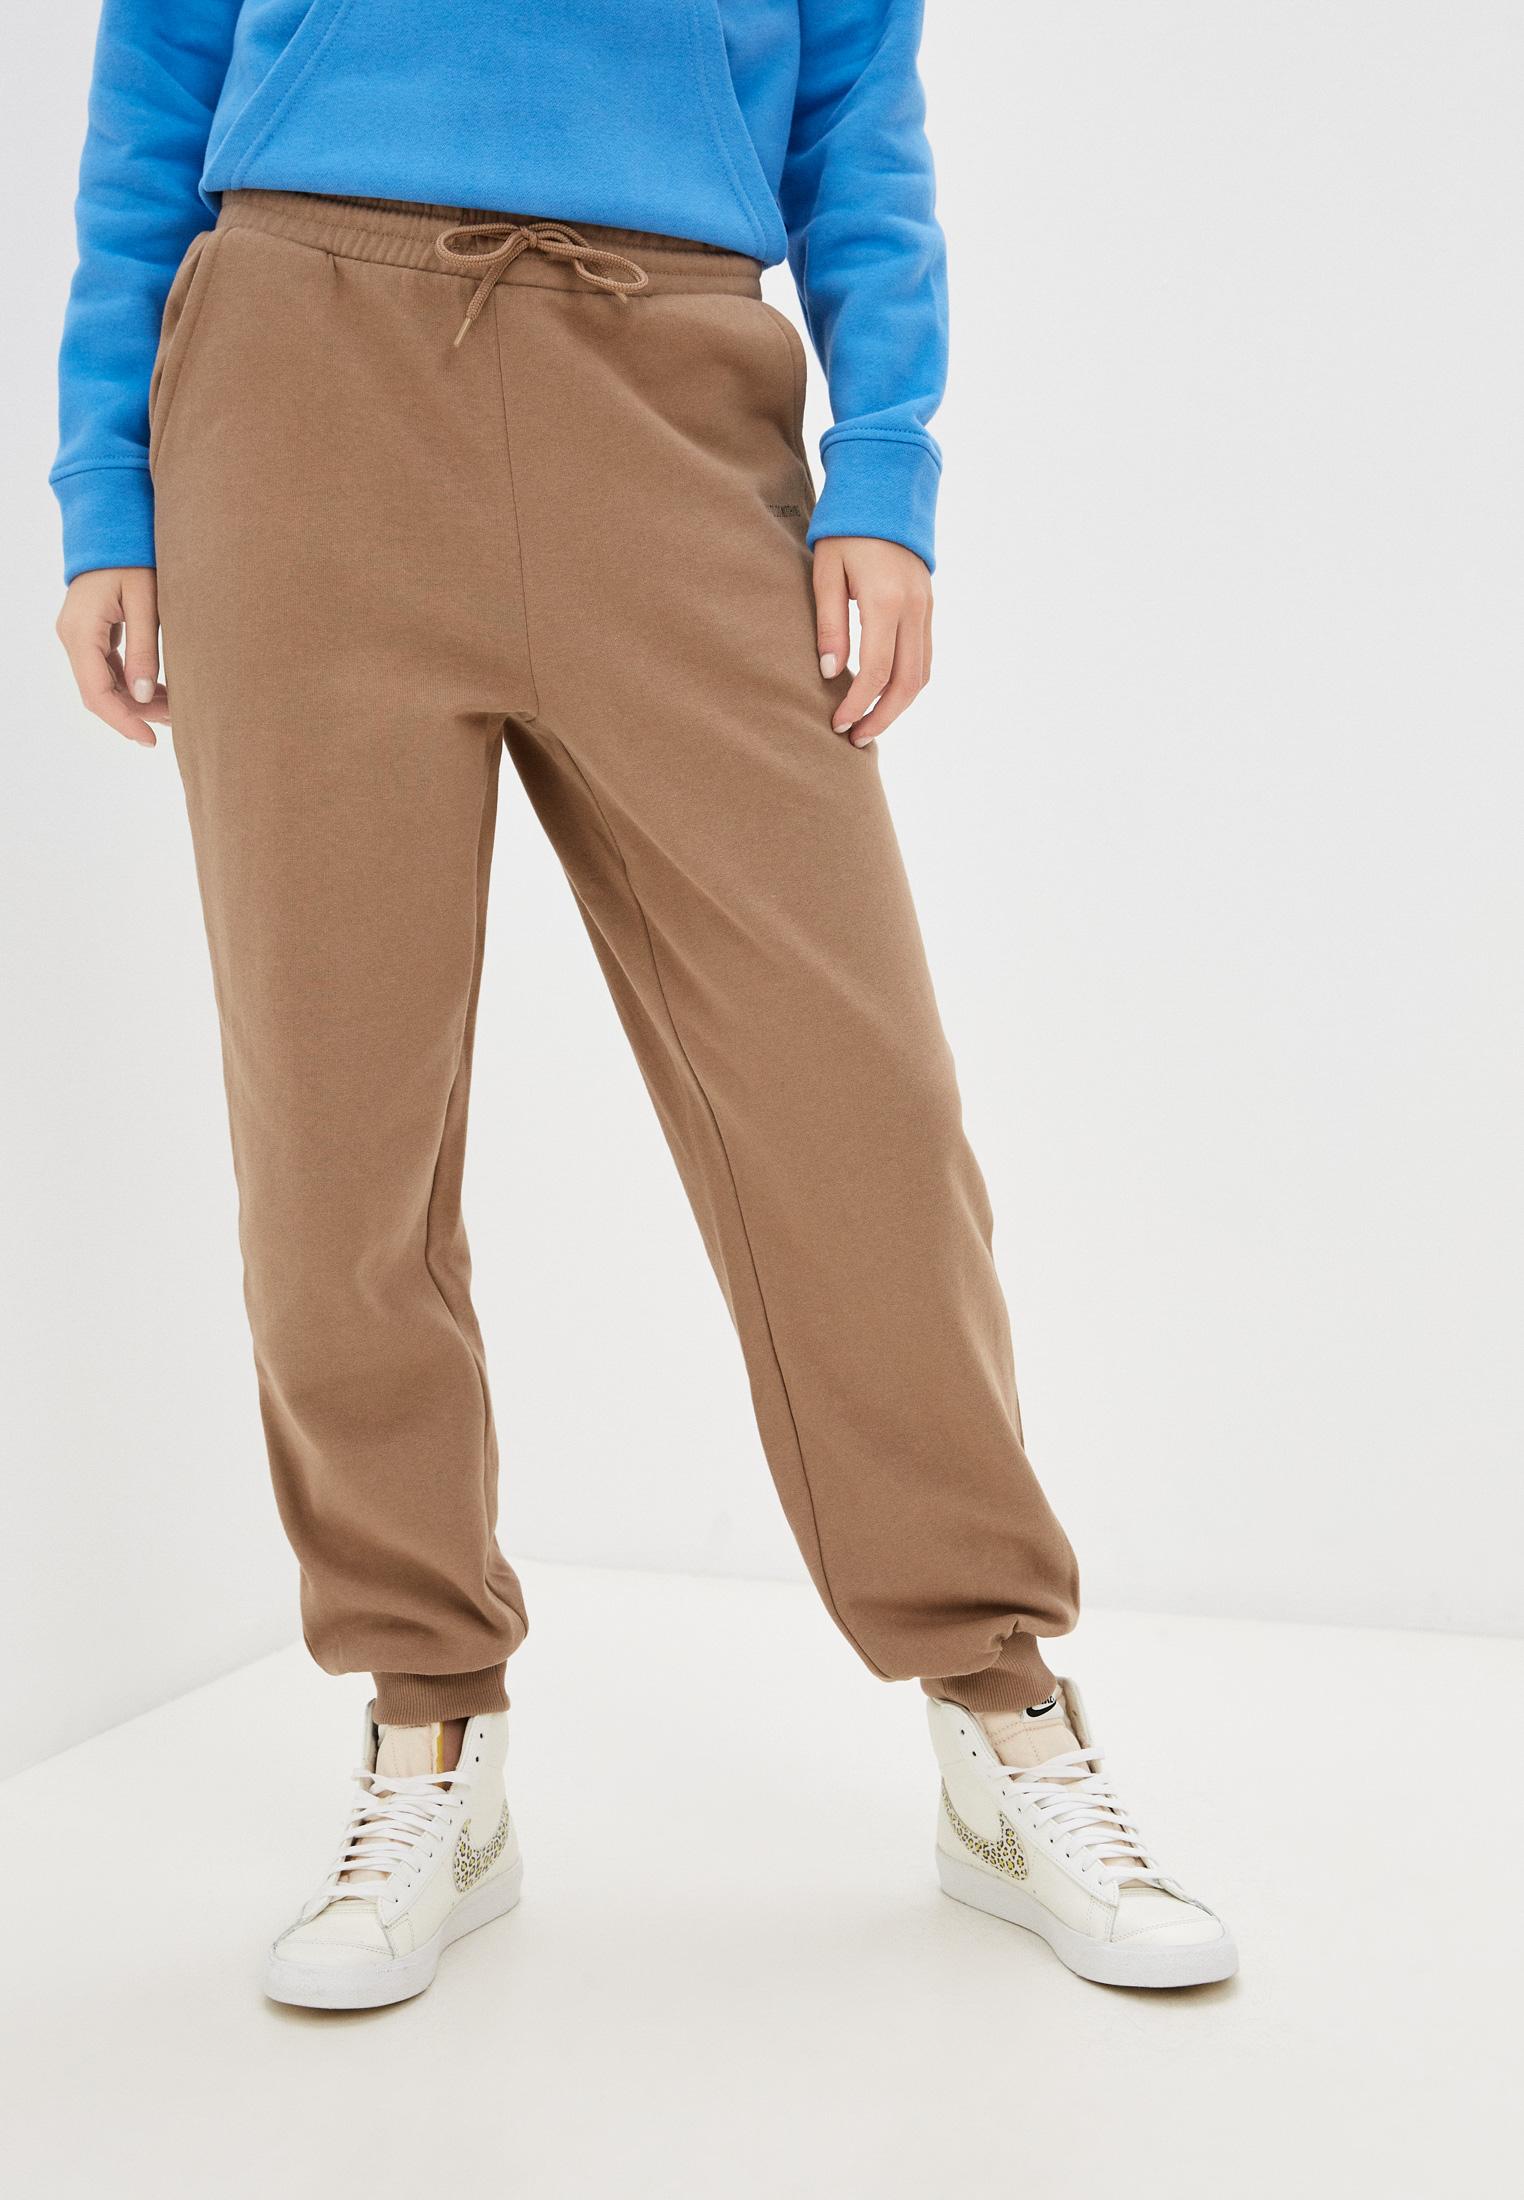 Женские спортивные брюки Ichi (Ичи) Брюки спортивные Ichi